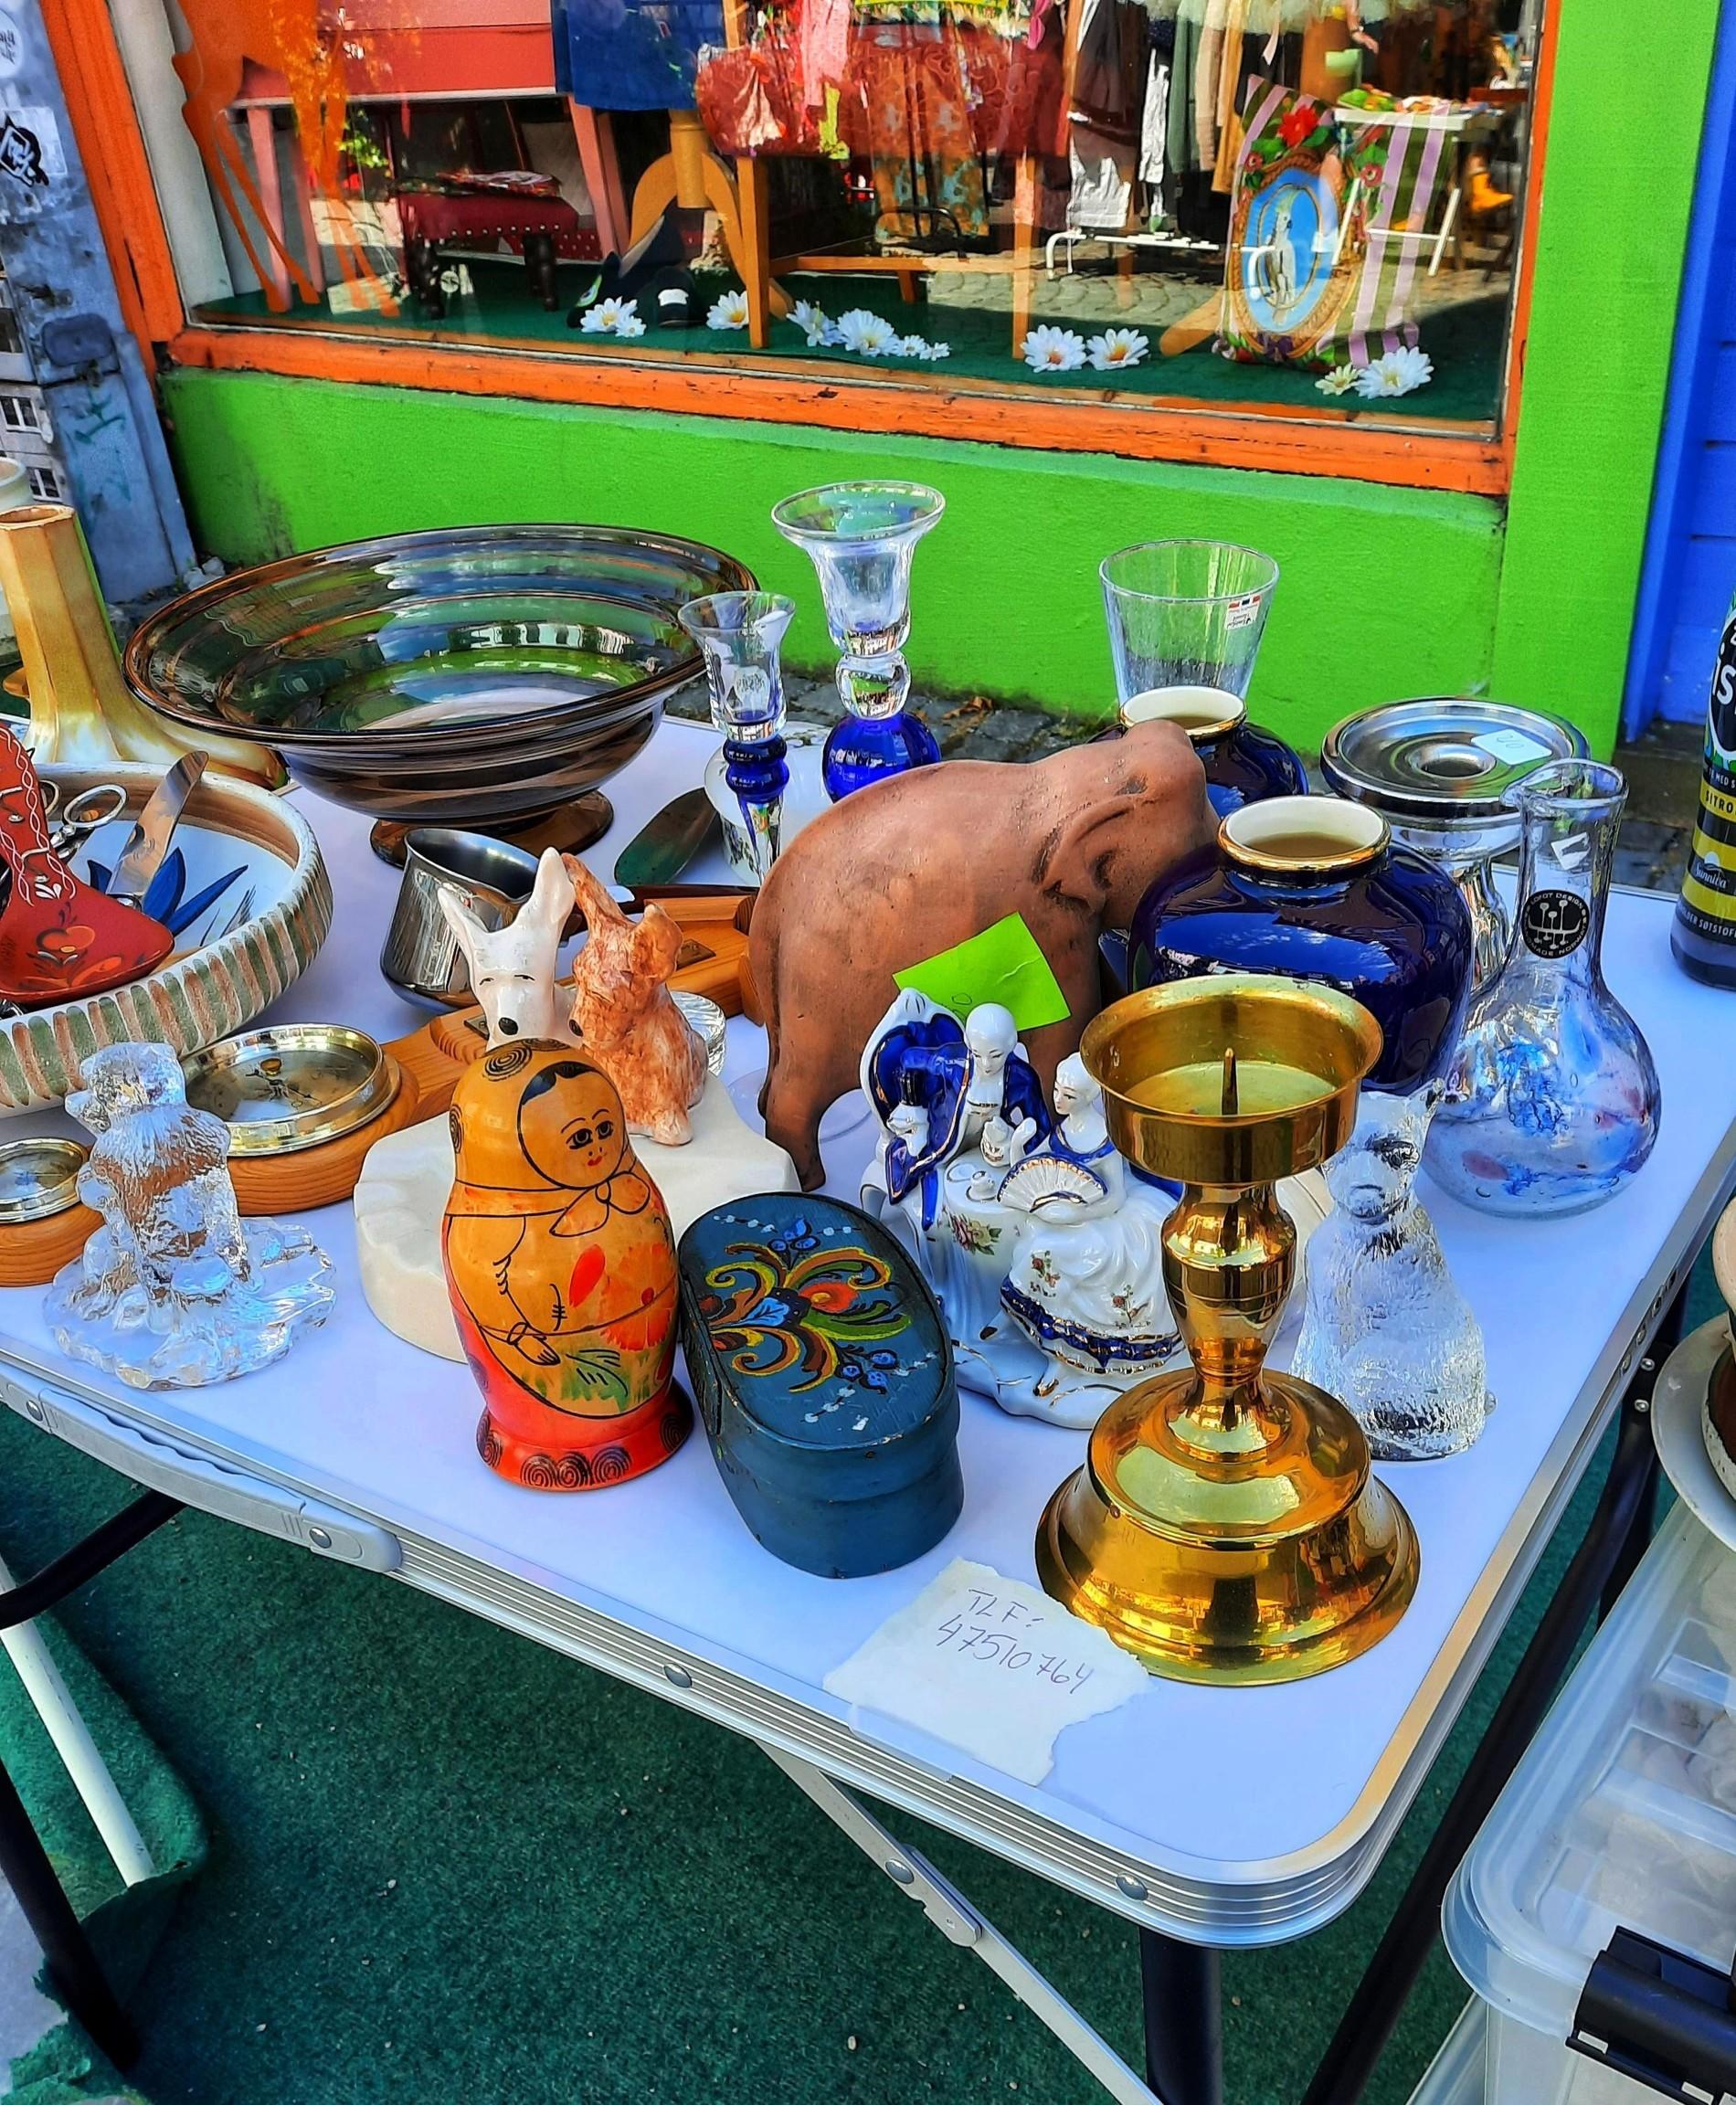 Brukt- og vintagemarked